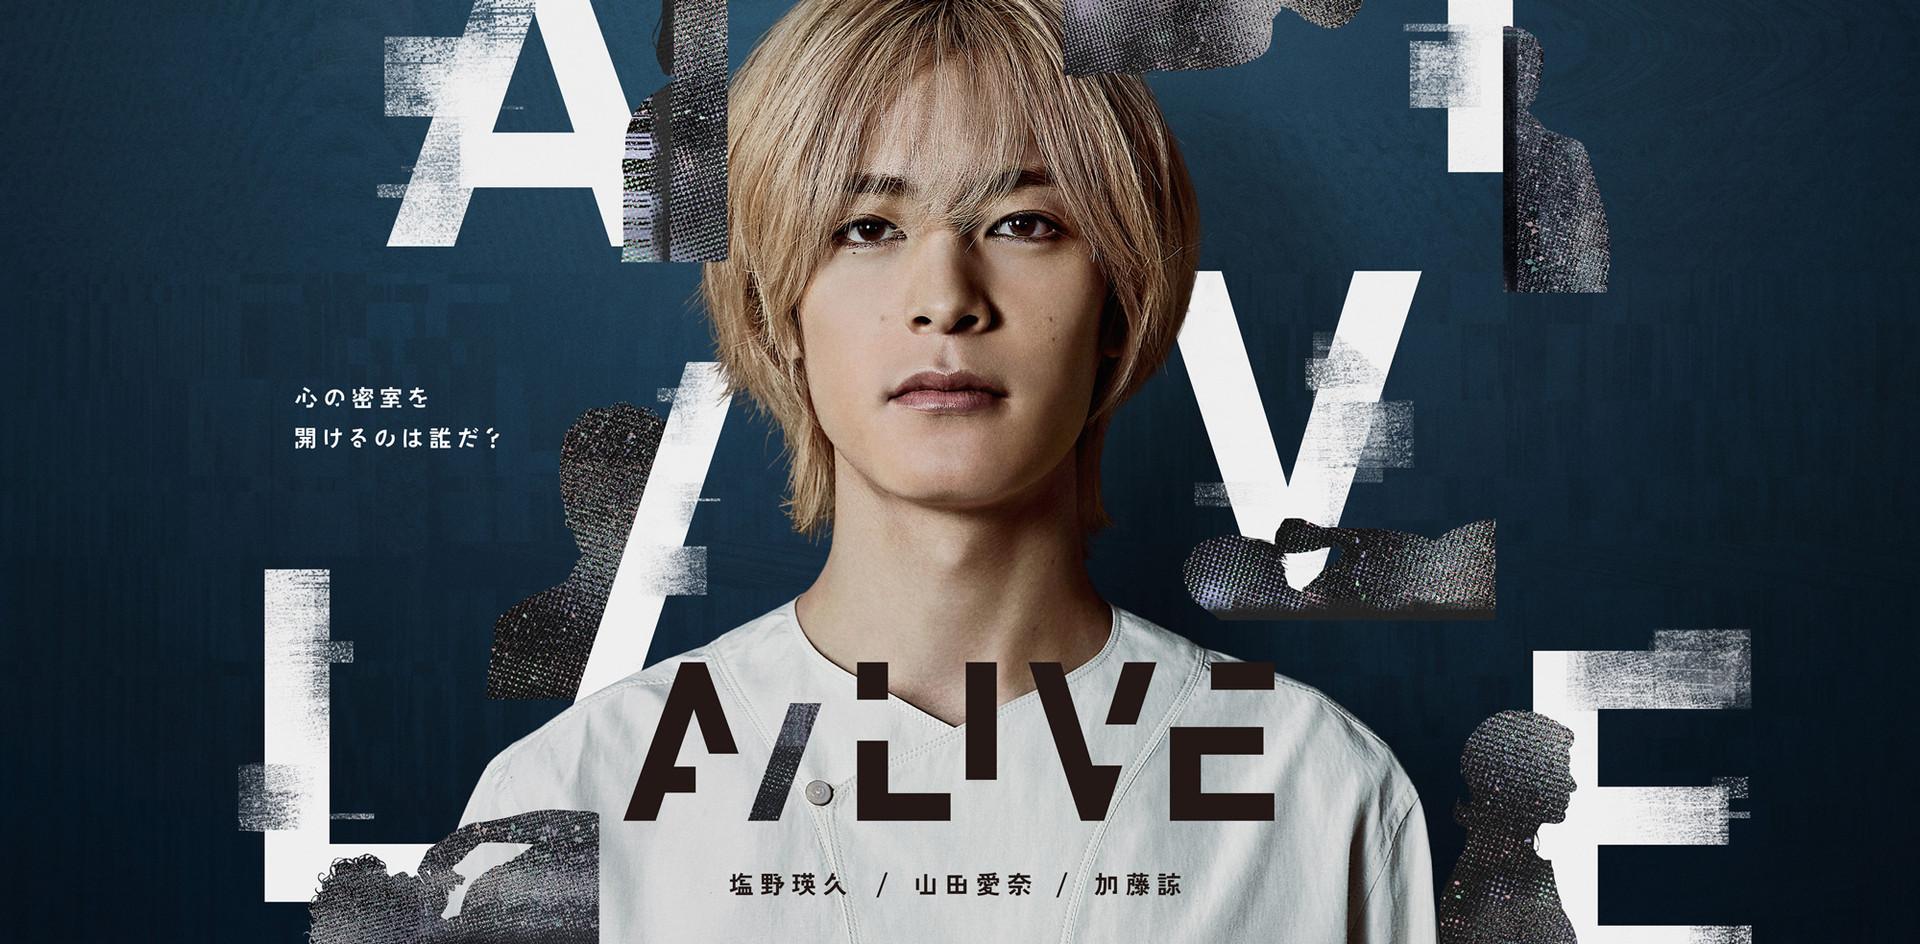 A_LIVE_KV_solo_consomeweb.jpg